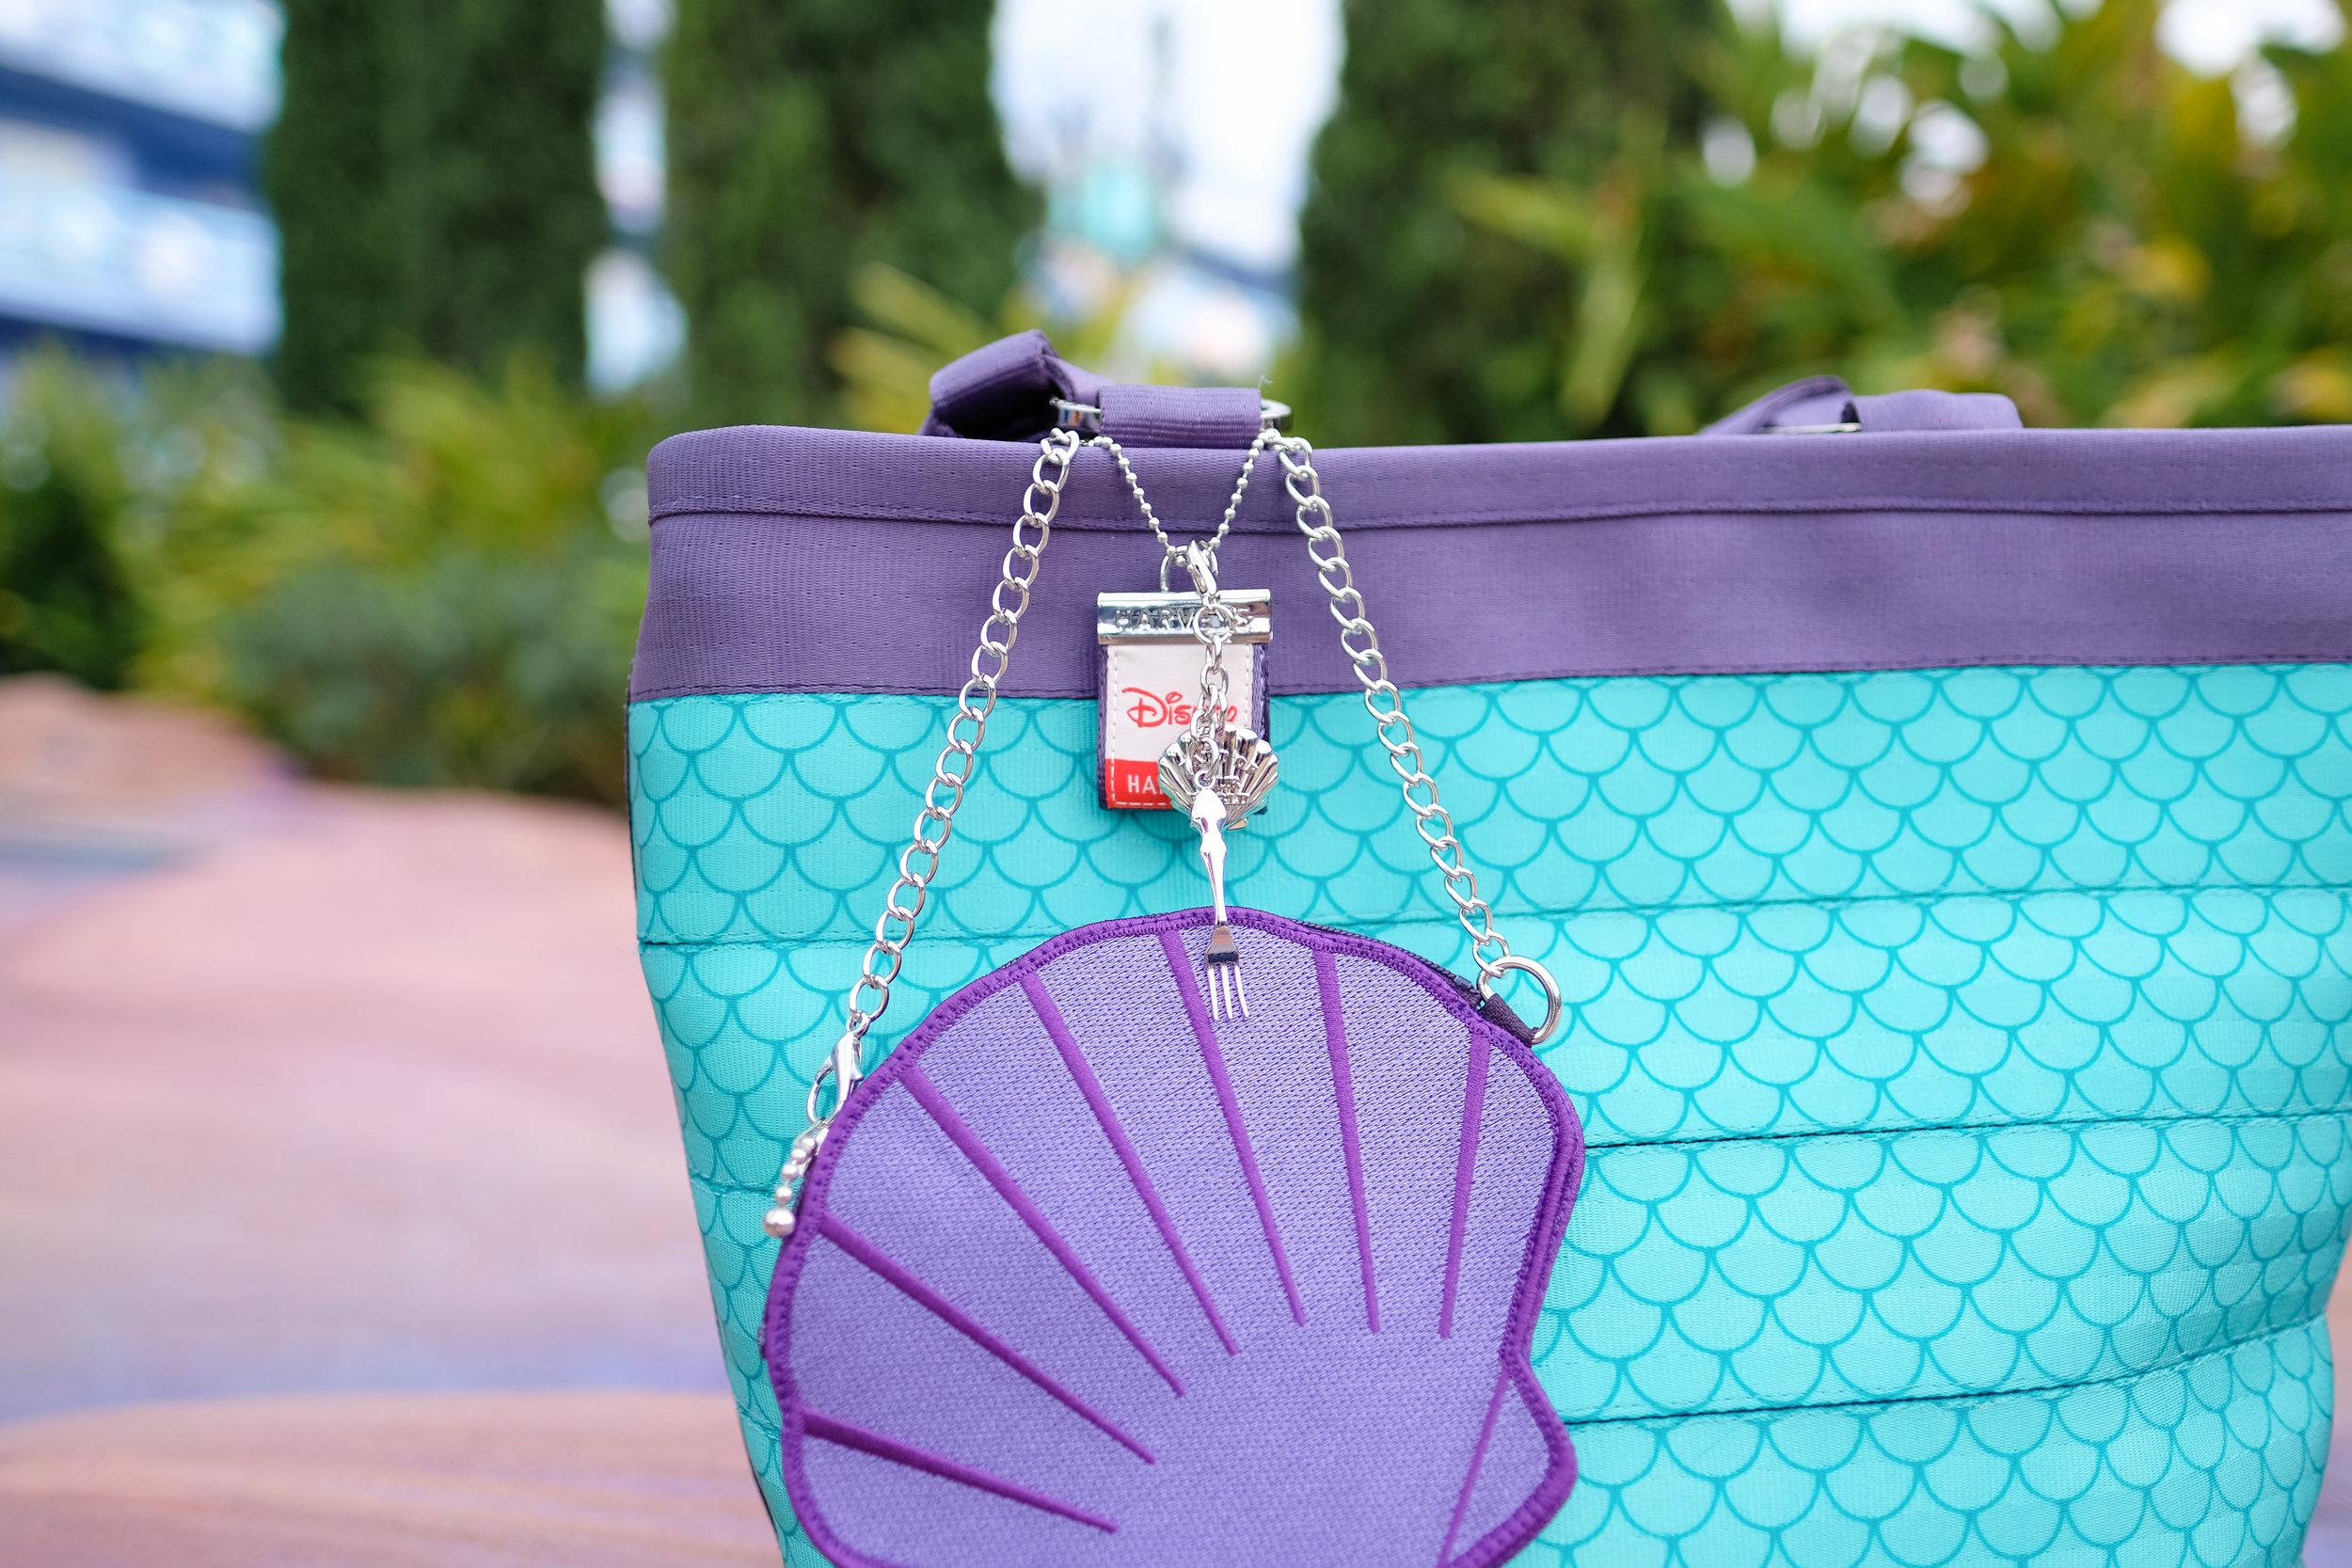 Ariel Character Bag Harveys